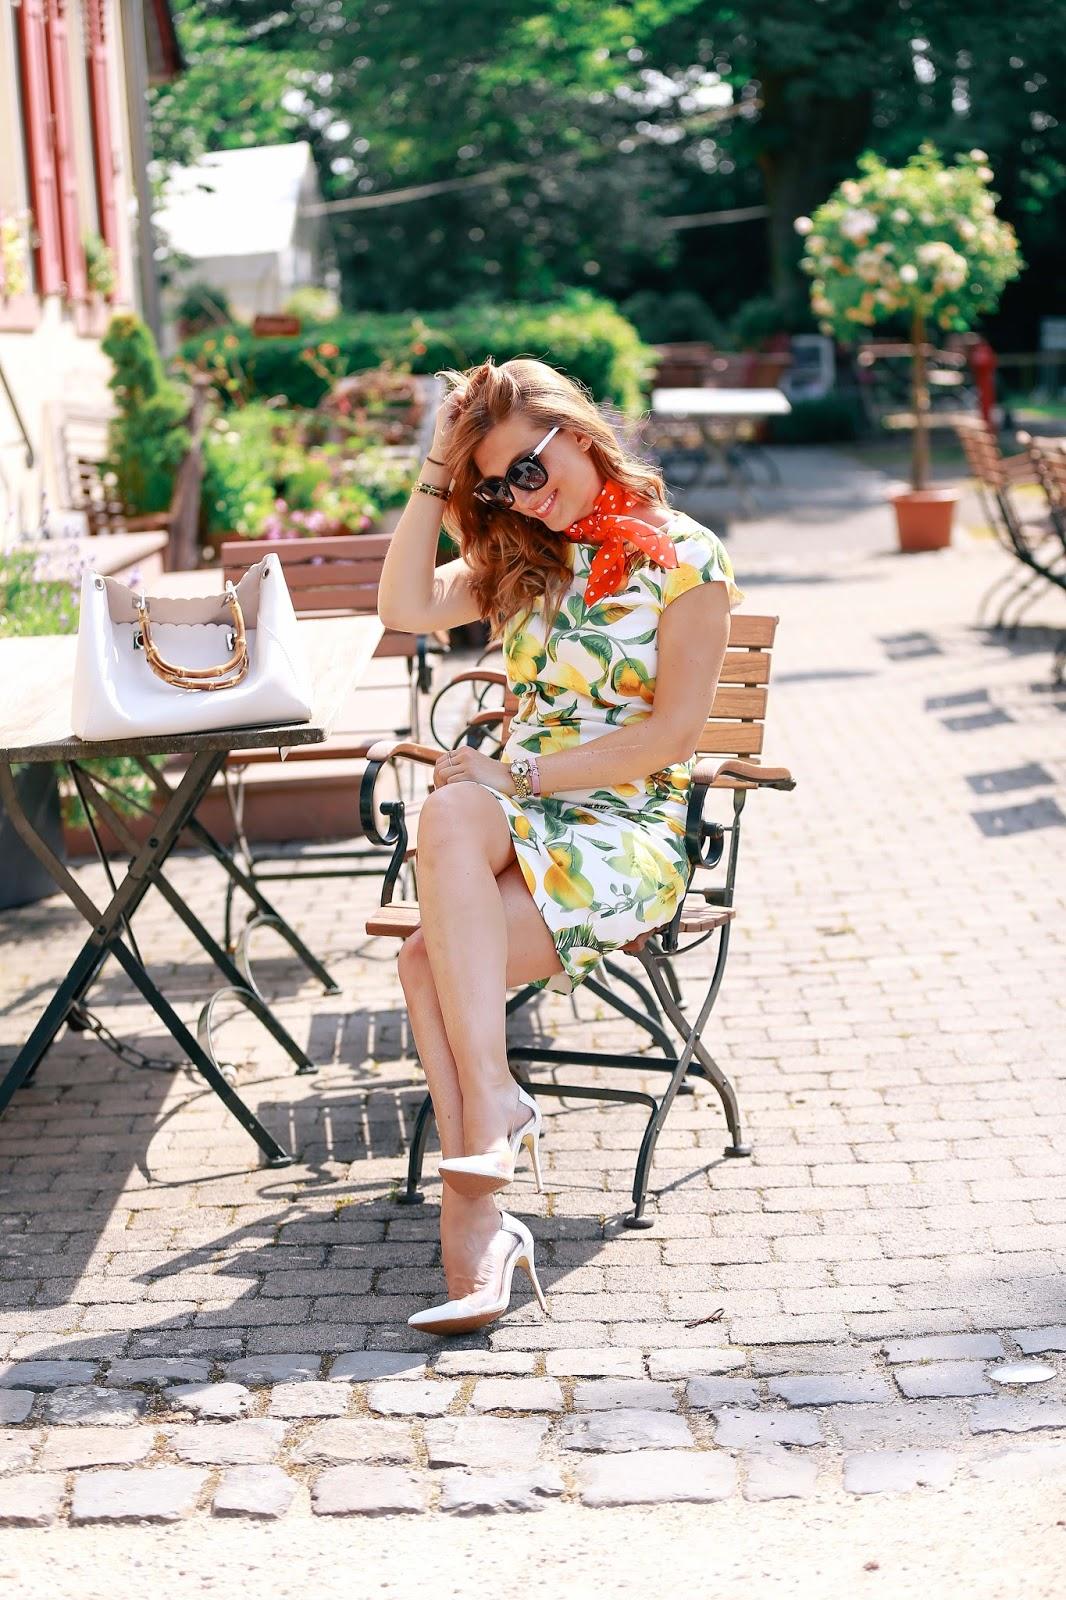 Italien-style-bloggerstyle-sommerkleid-mit-zitronenprint-hallhuber-hallhuber-kleid